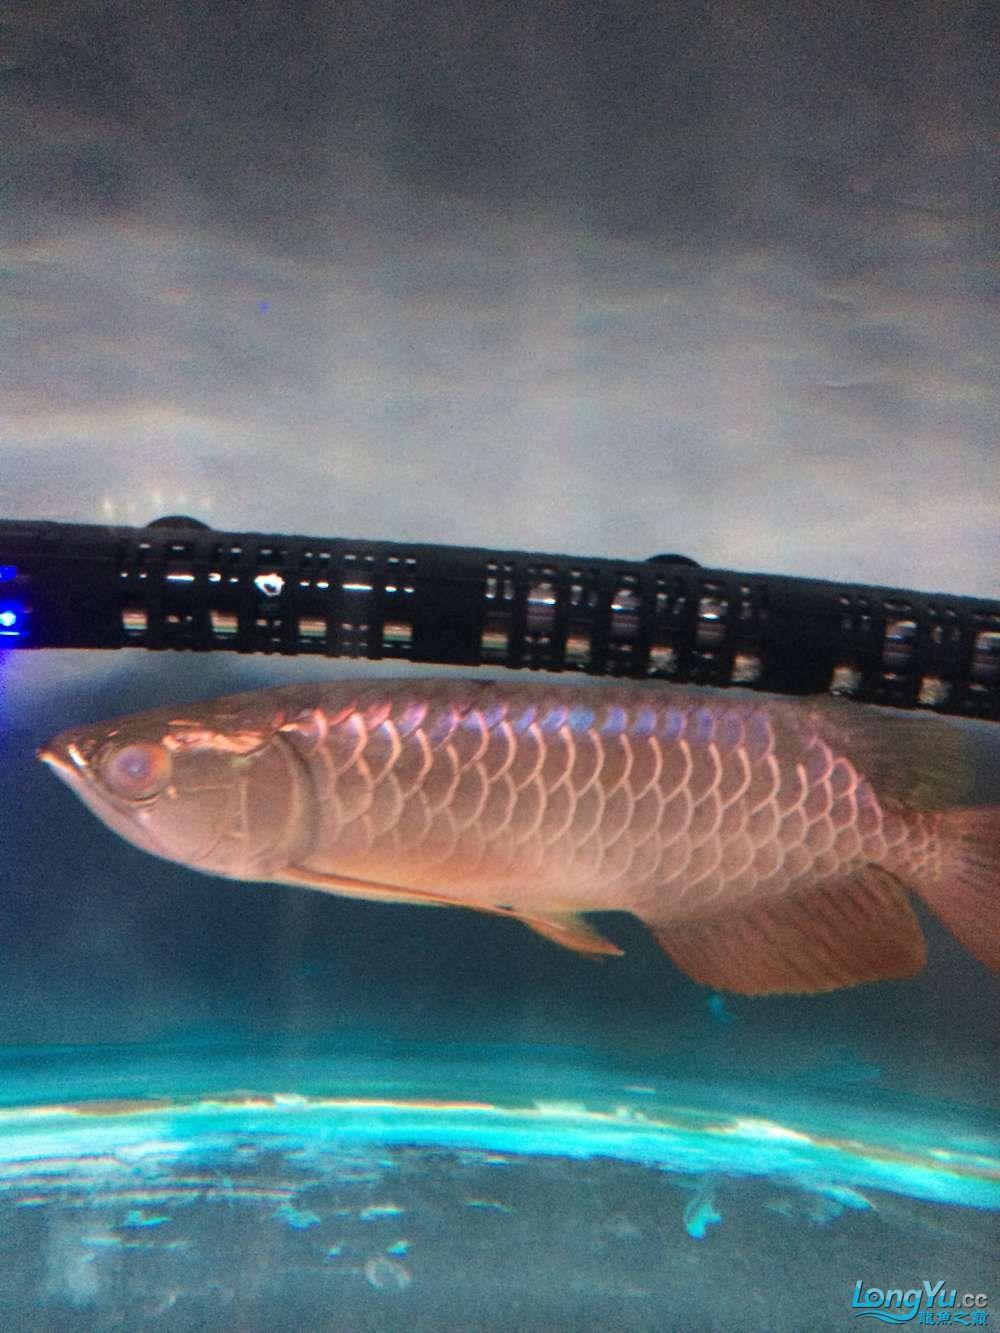 这是什么品质的金龙鱼???? 绵阳水族批发市场 绵阳水族批发市场第2张